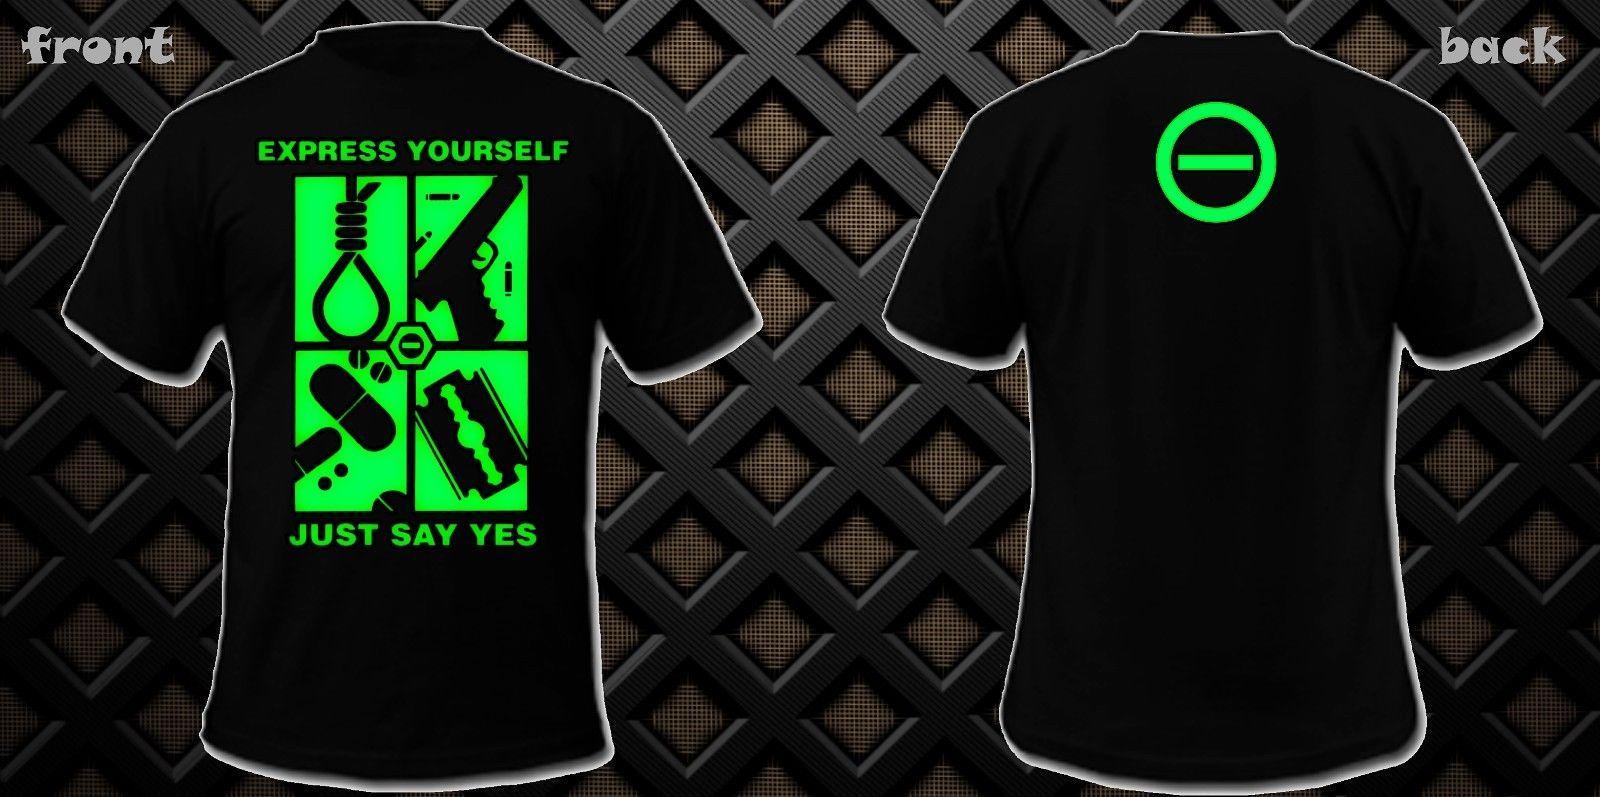 12b13091f Compre Nueva Camiseta Type O Negative Just Say Yes Camiseta Estampada Dtg  Camiseta De Verano De Manga Corta 100% Algodón A  24.2 Del Lontimestore